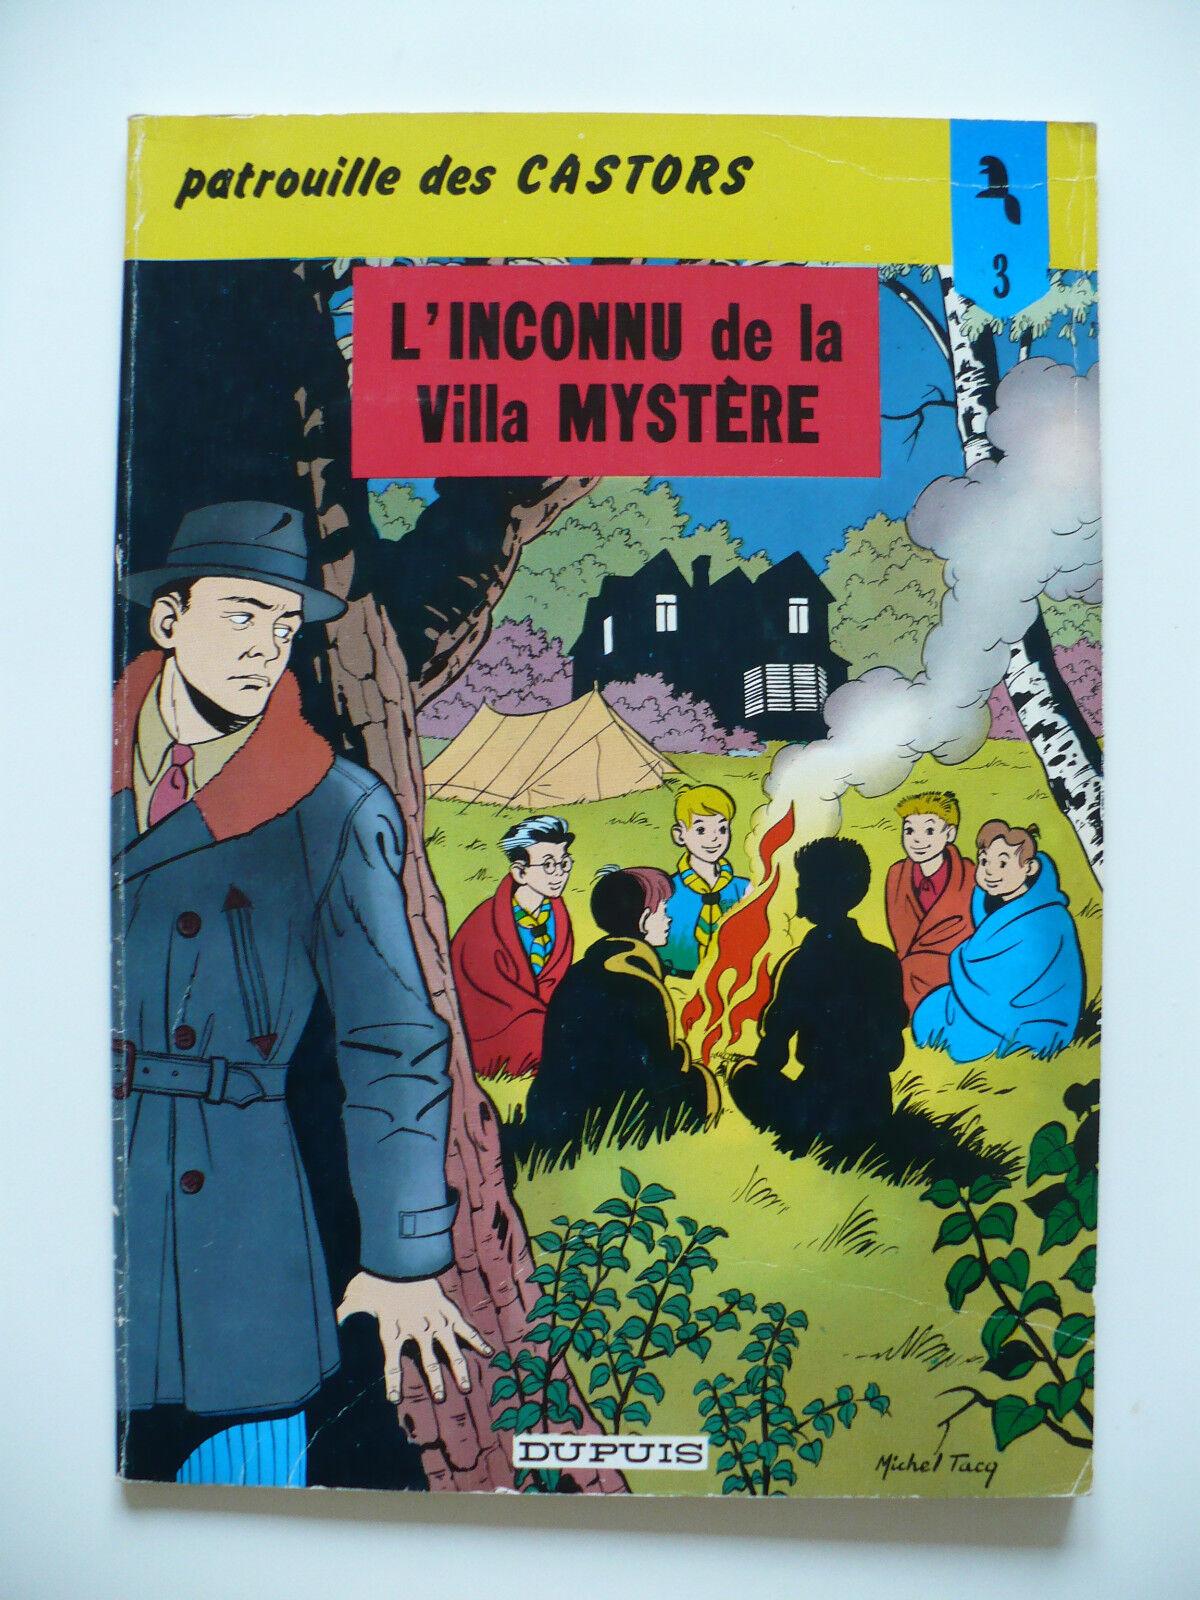 RE (très bel état) - La patrouille des Castors 3 (l'inconnu de la Villa Mystère)